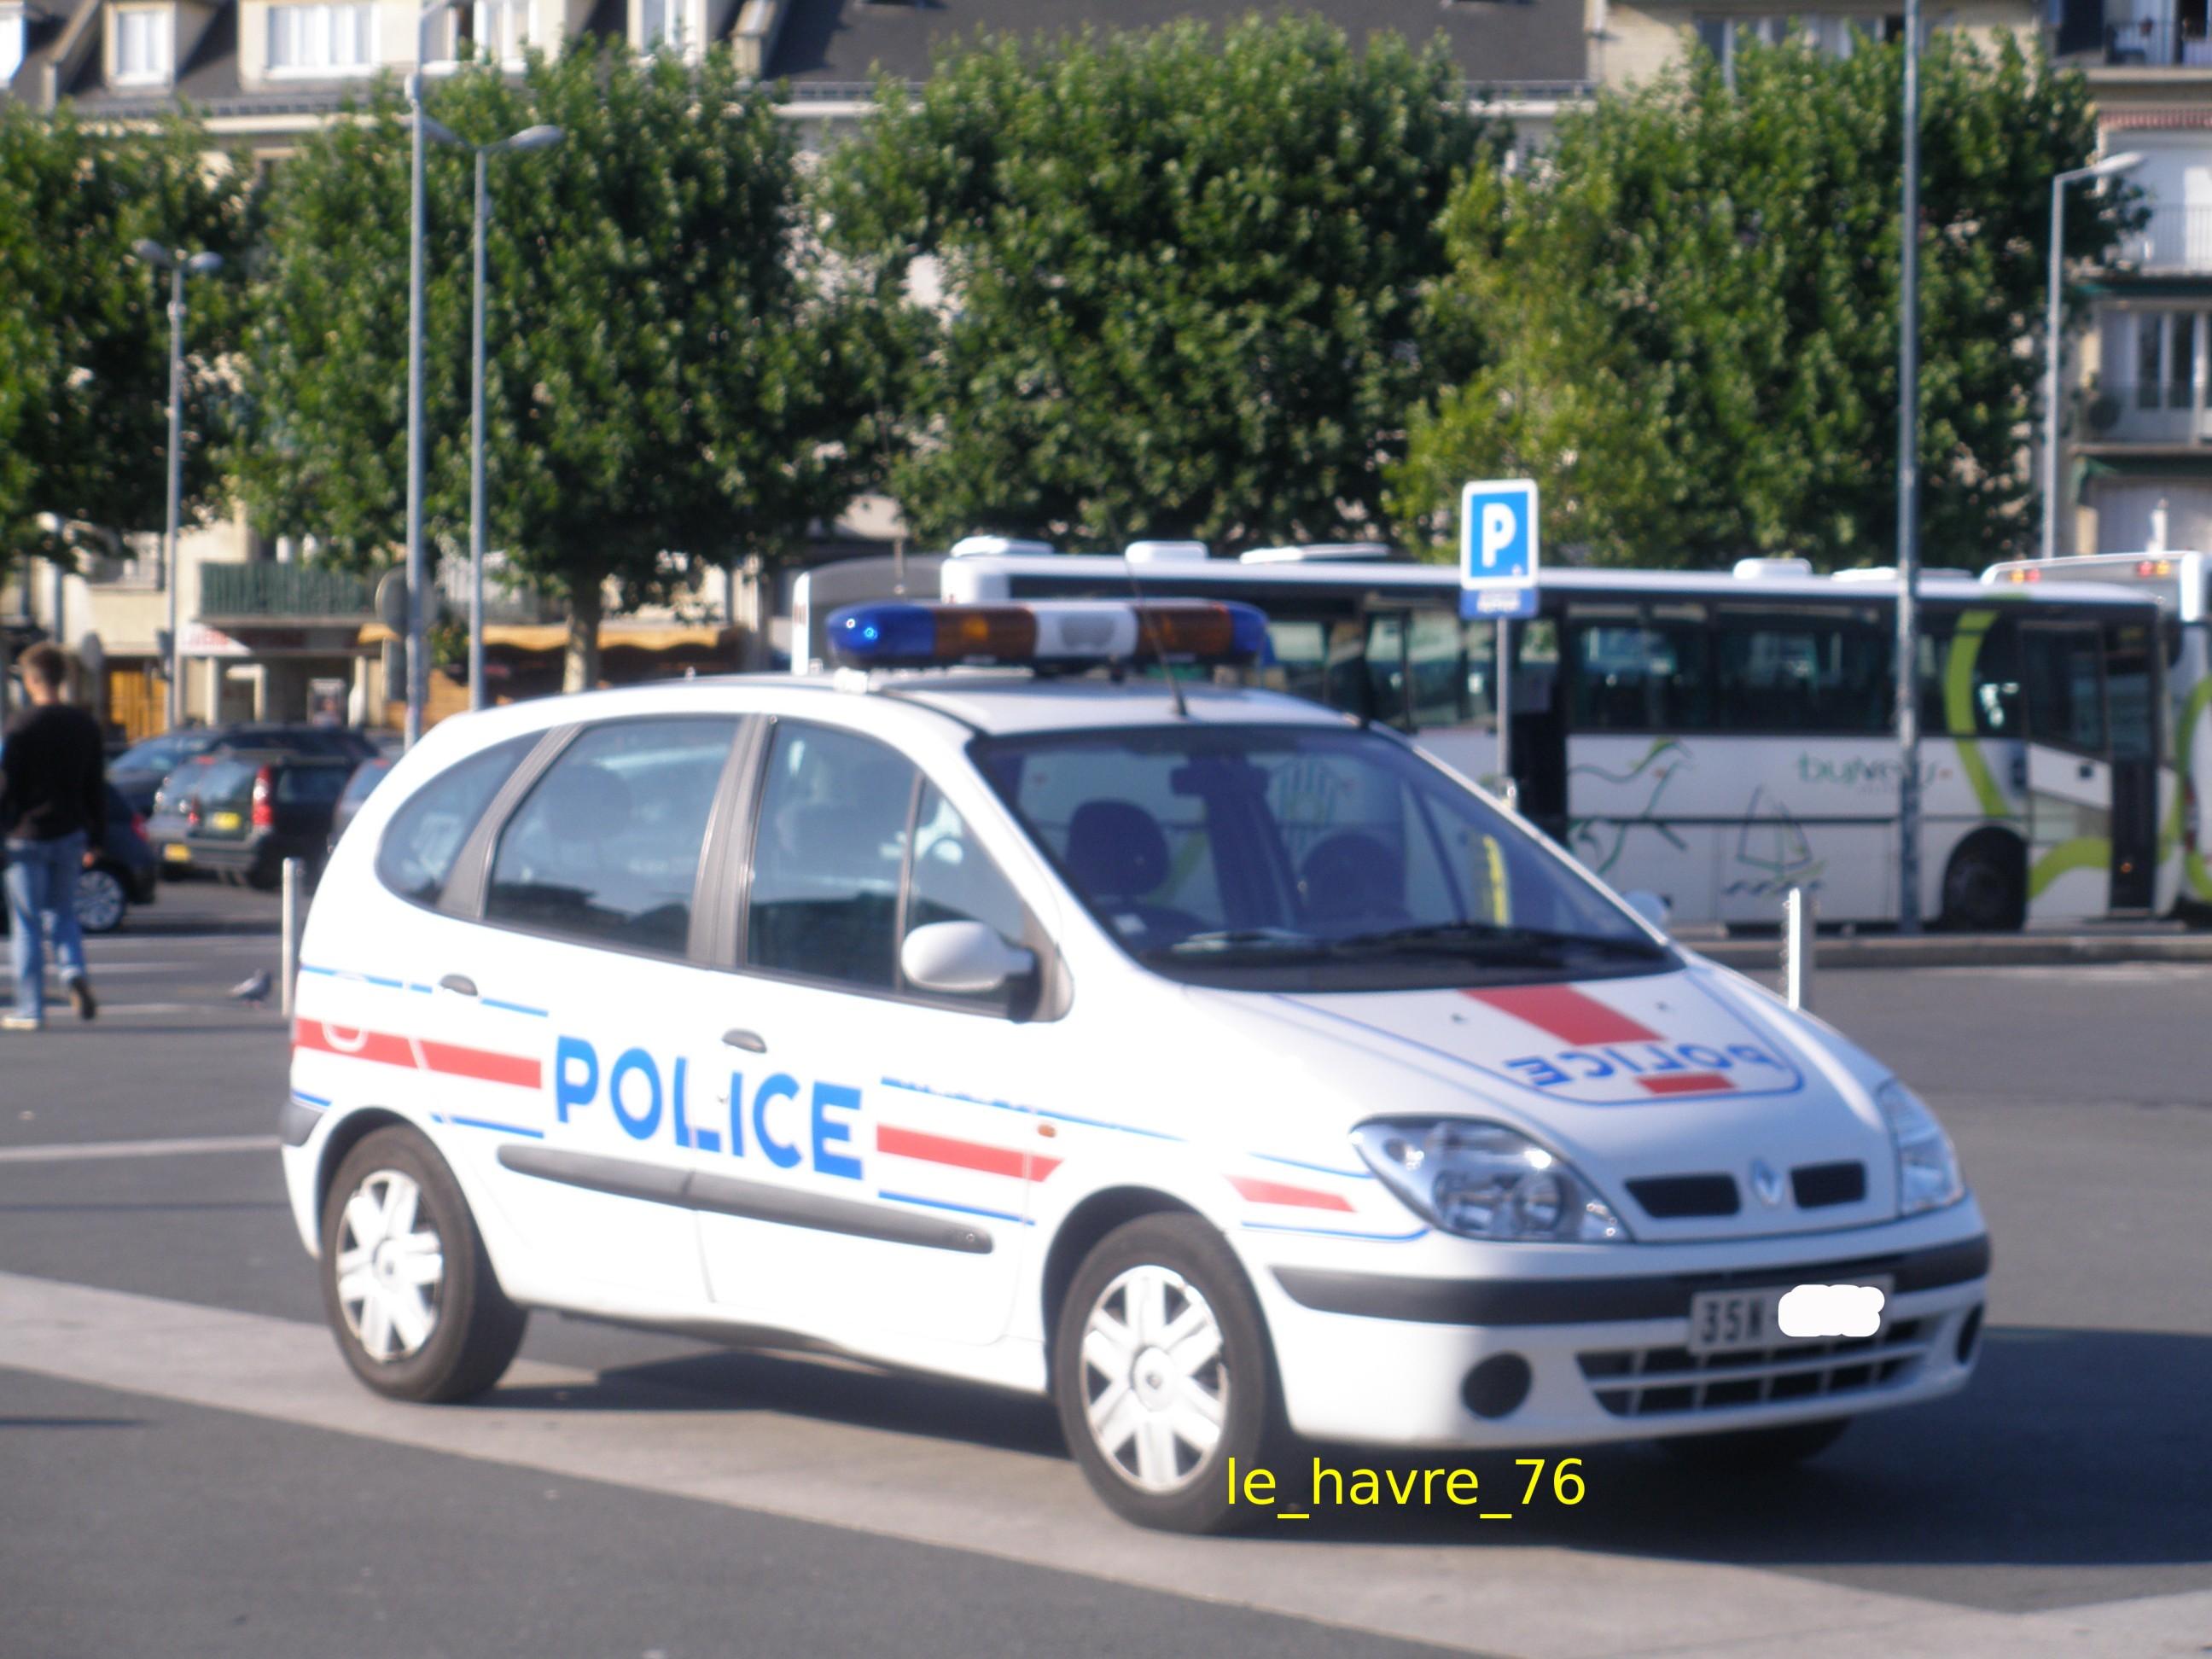 photos de voitures de police page 1367 auto titre. Black Bedroom Furniture Sets. Home Design Ideas